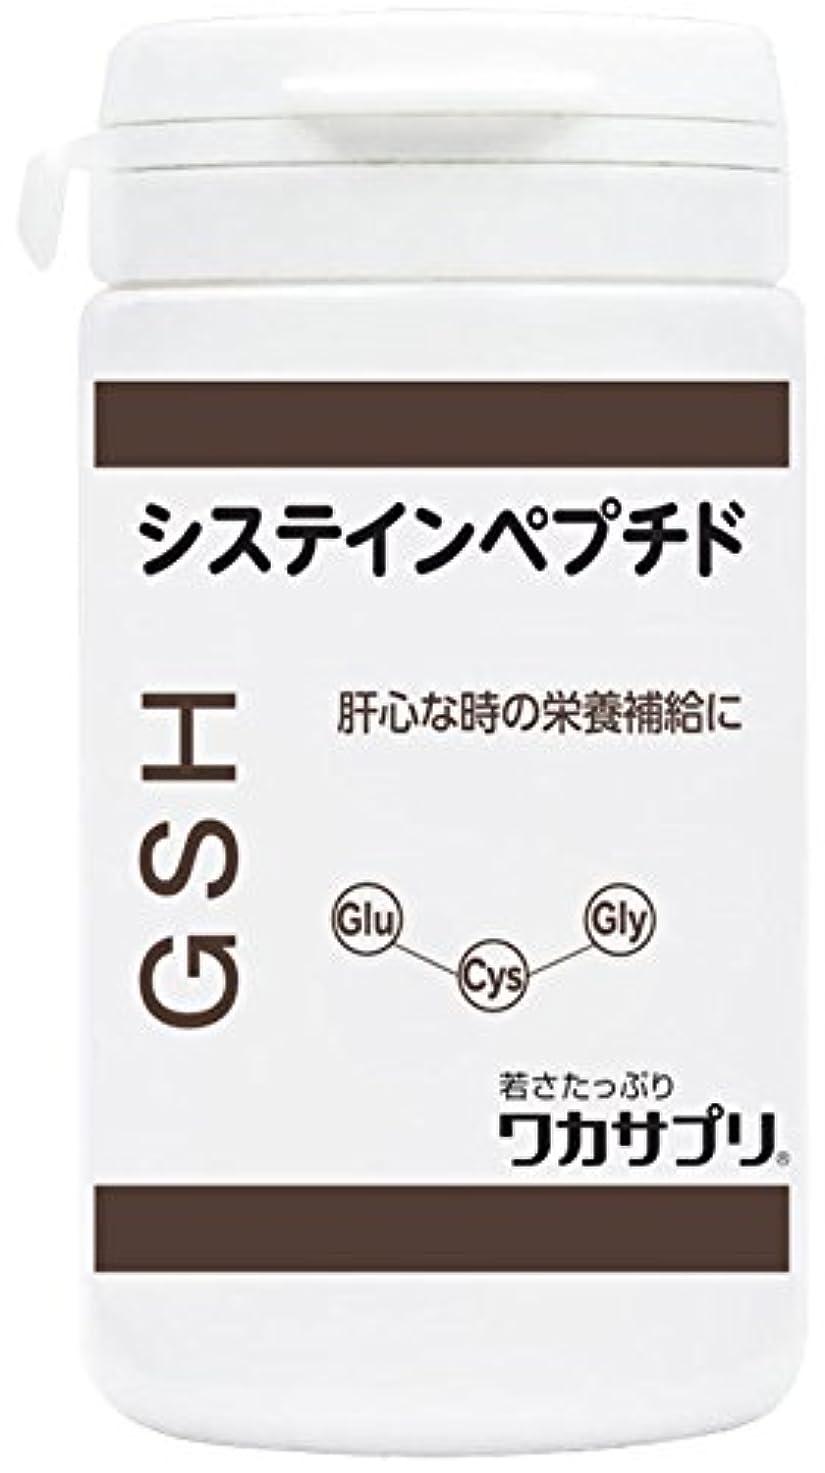 かりて記憶に残る正確ワカサプリ GSH(システインペプチド) 60粒 WGS060